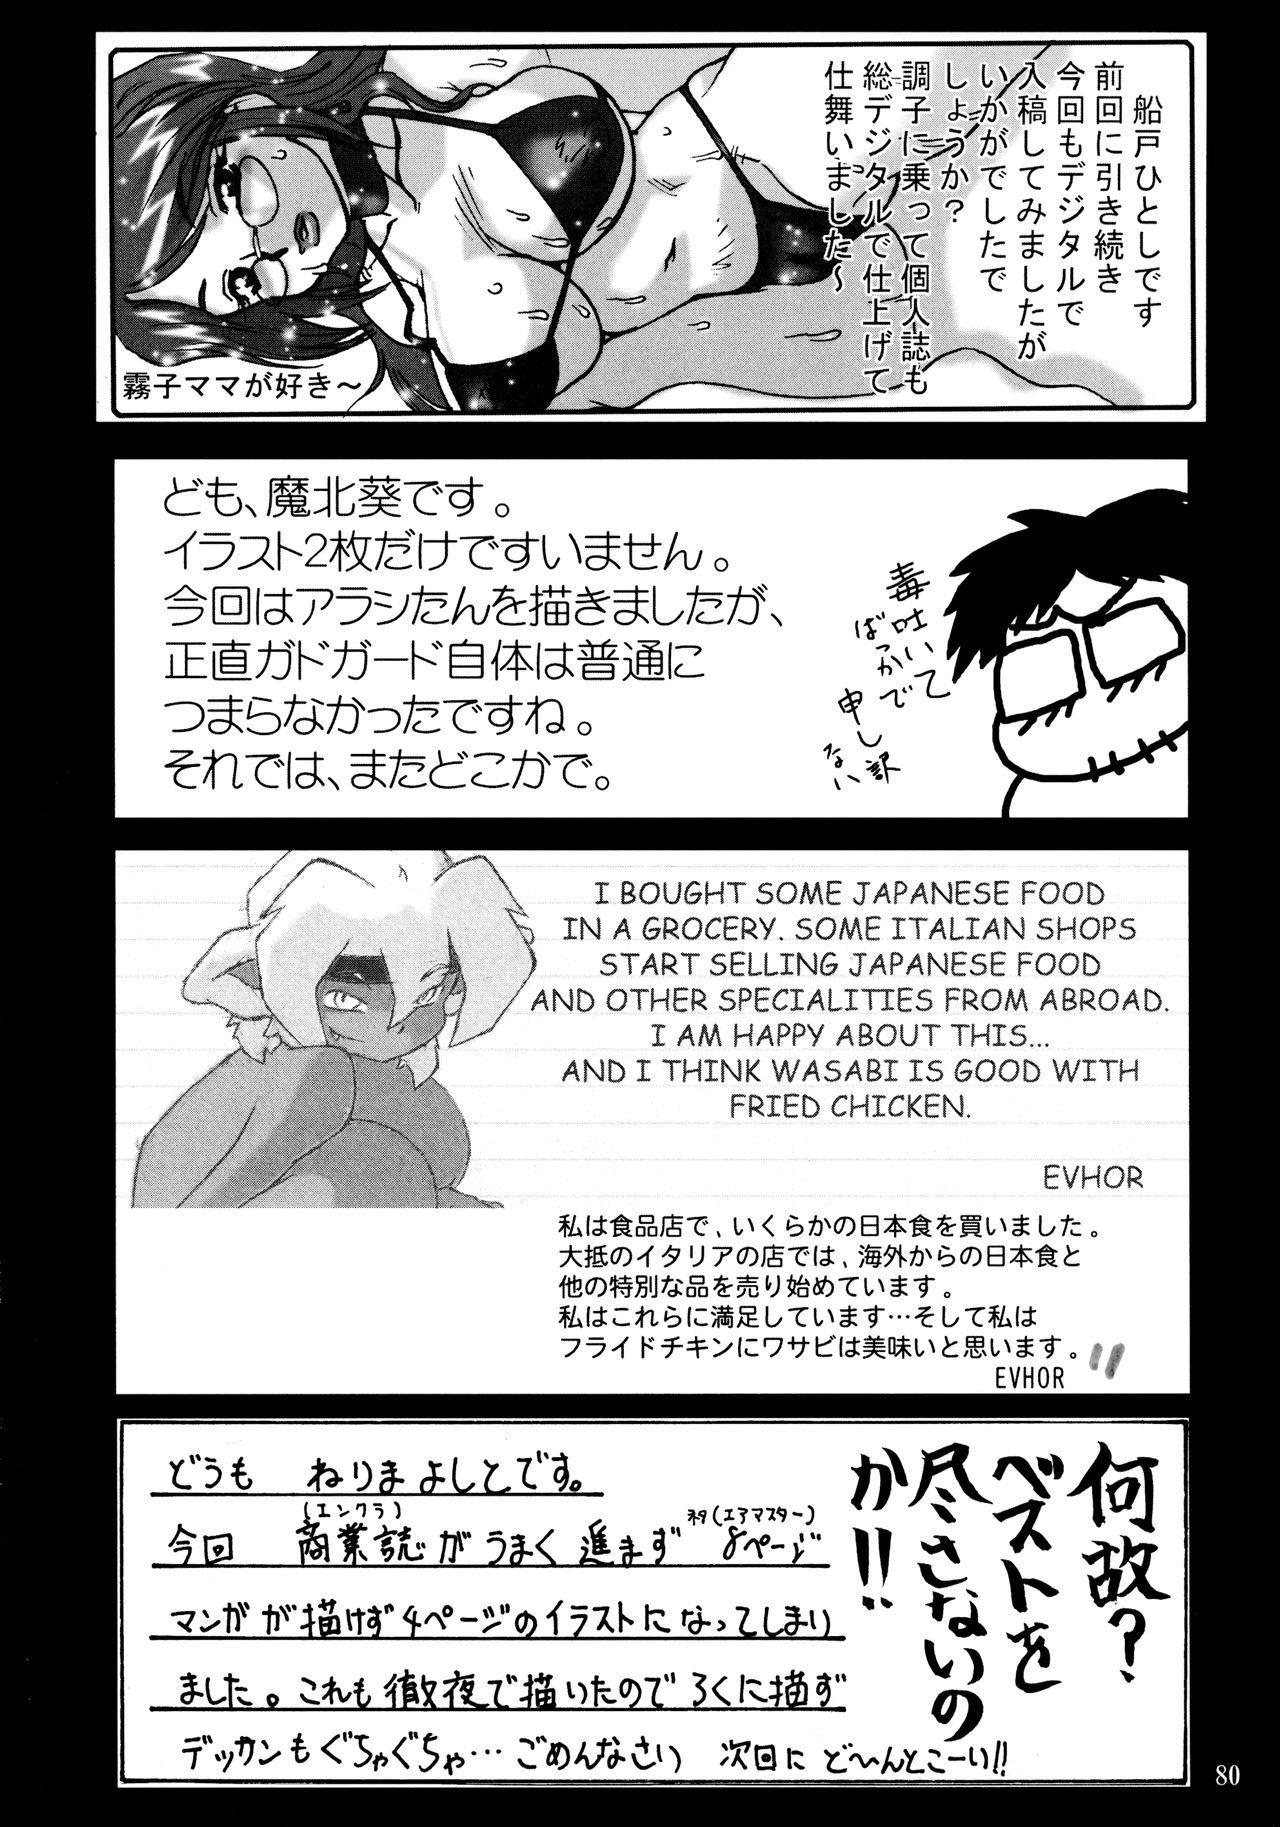 Shin Hanajuuroku VIII 78